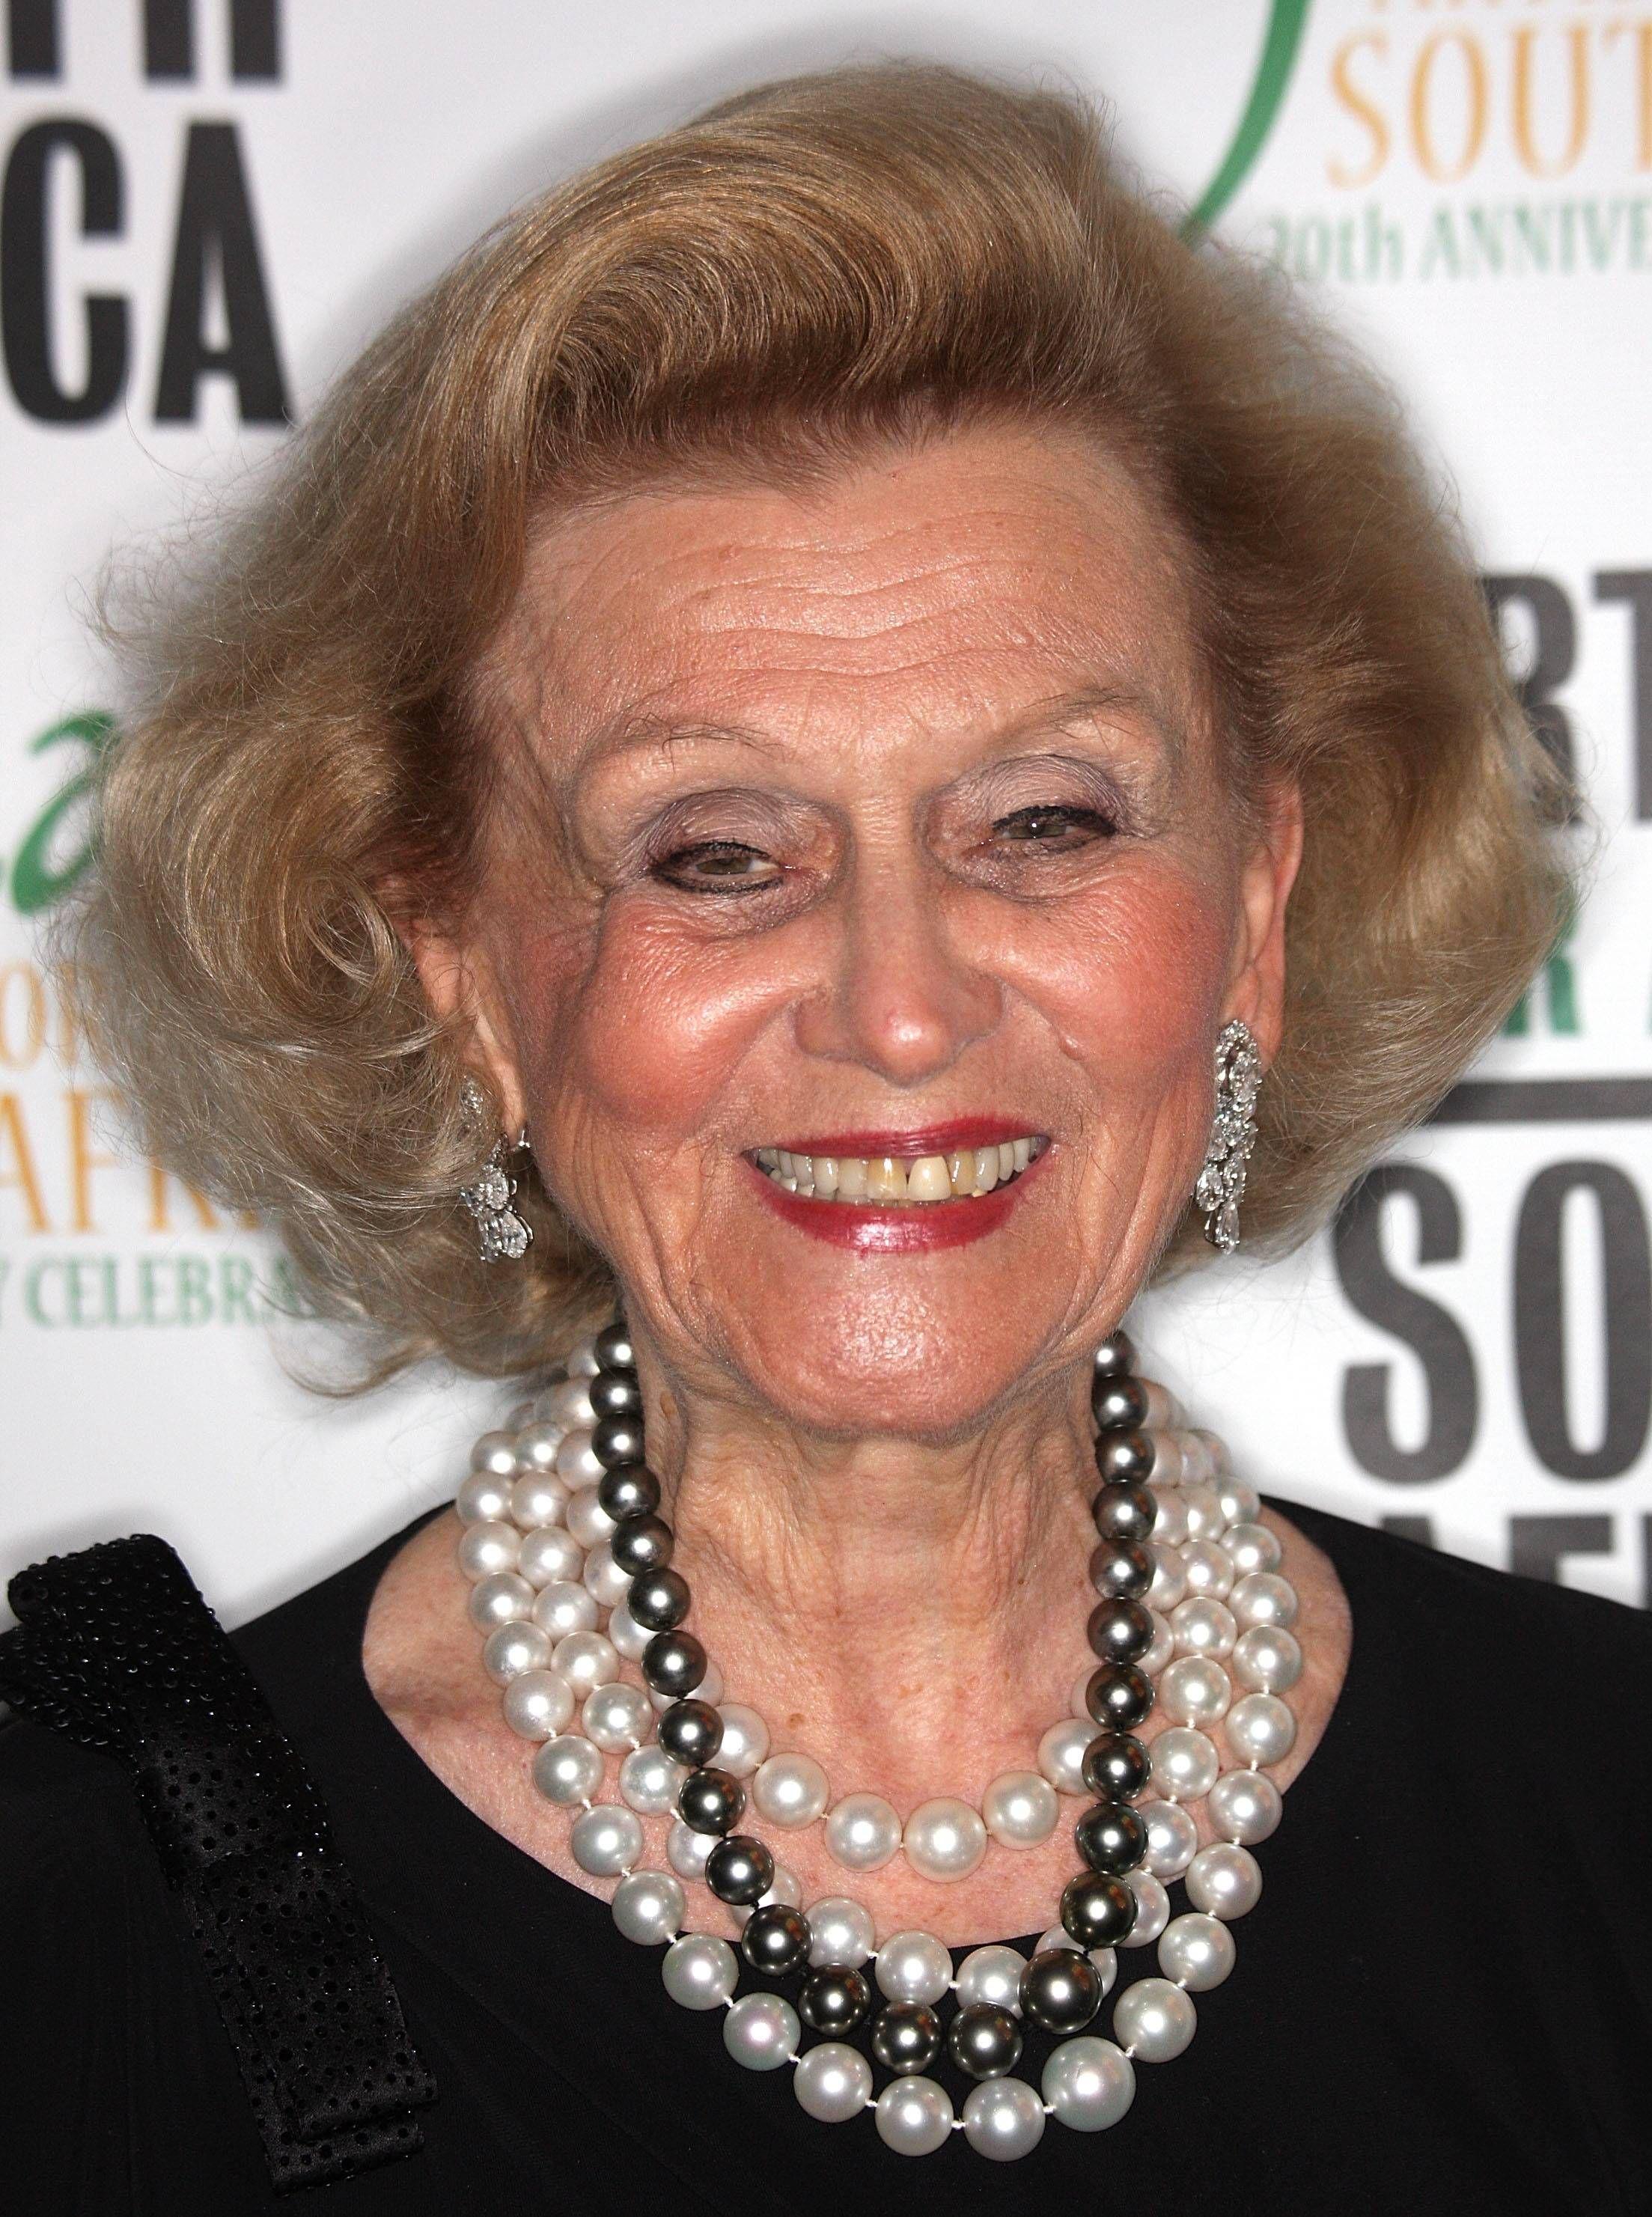 9. Barbara Davis